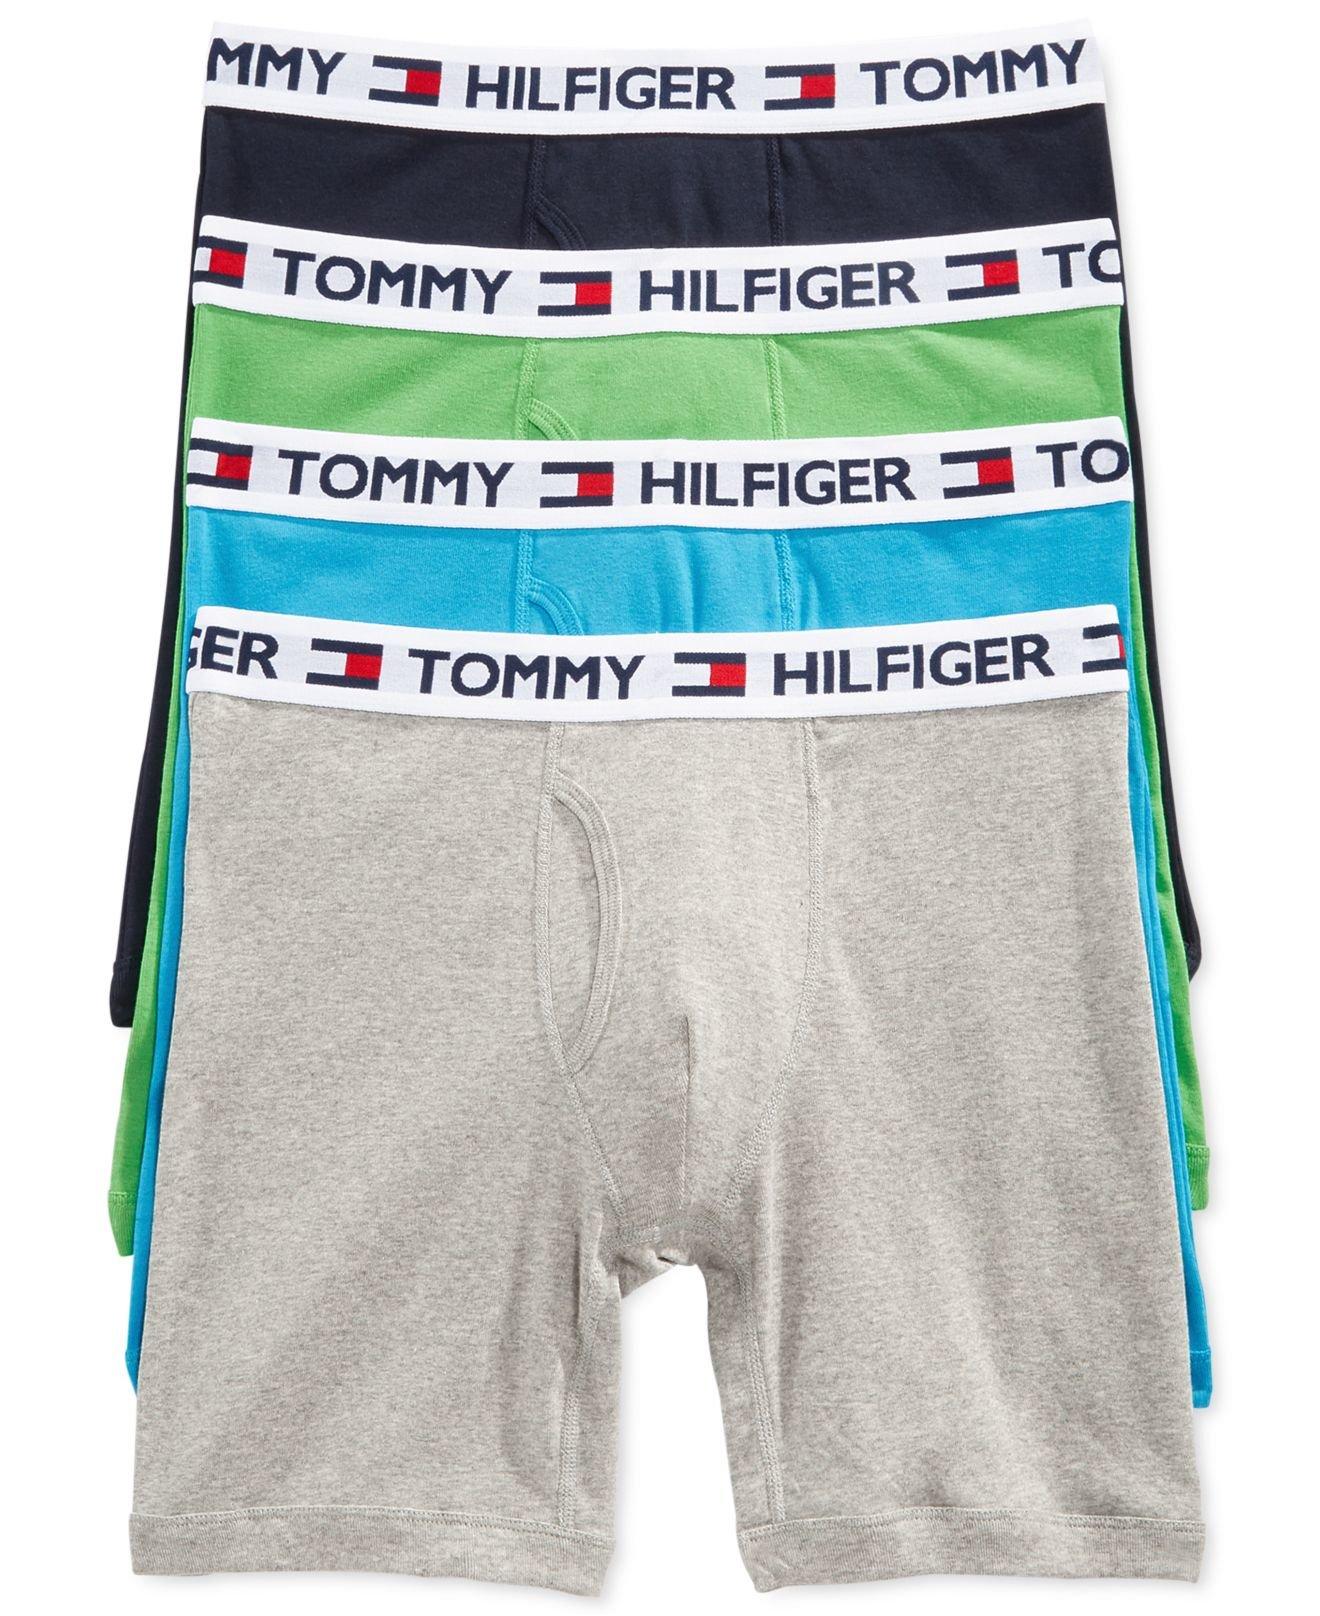 tommy hilfiger athletic boxer brief 4 pack in blue for men lyst. Black Bedroom Furniture Sets. Home Design Ideas